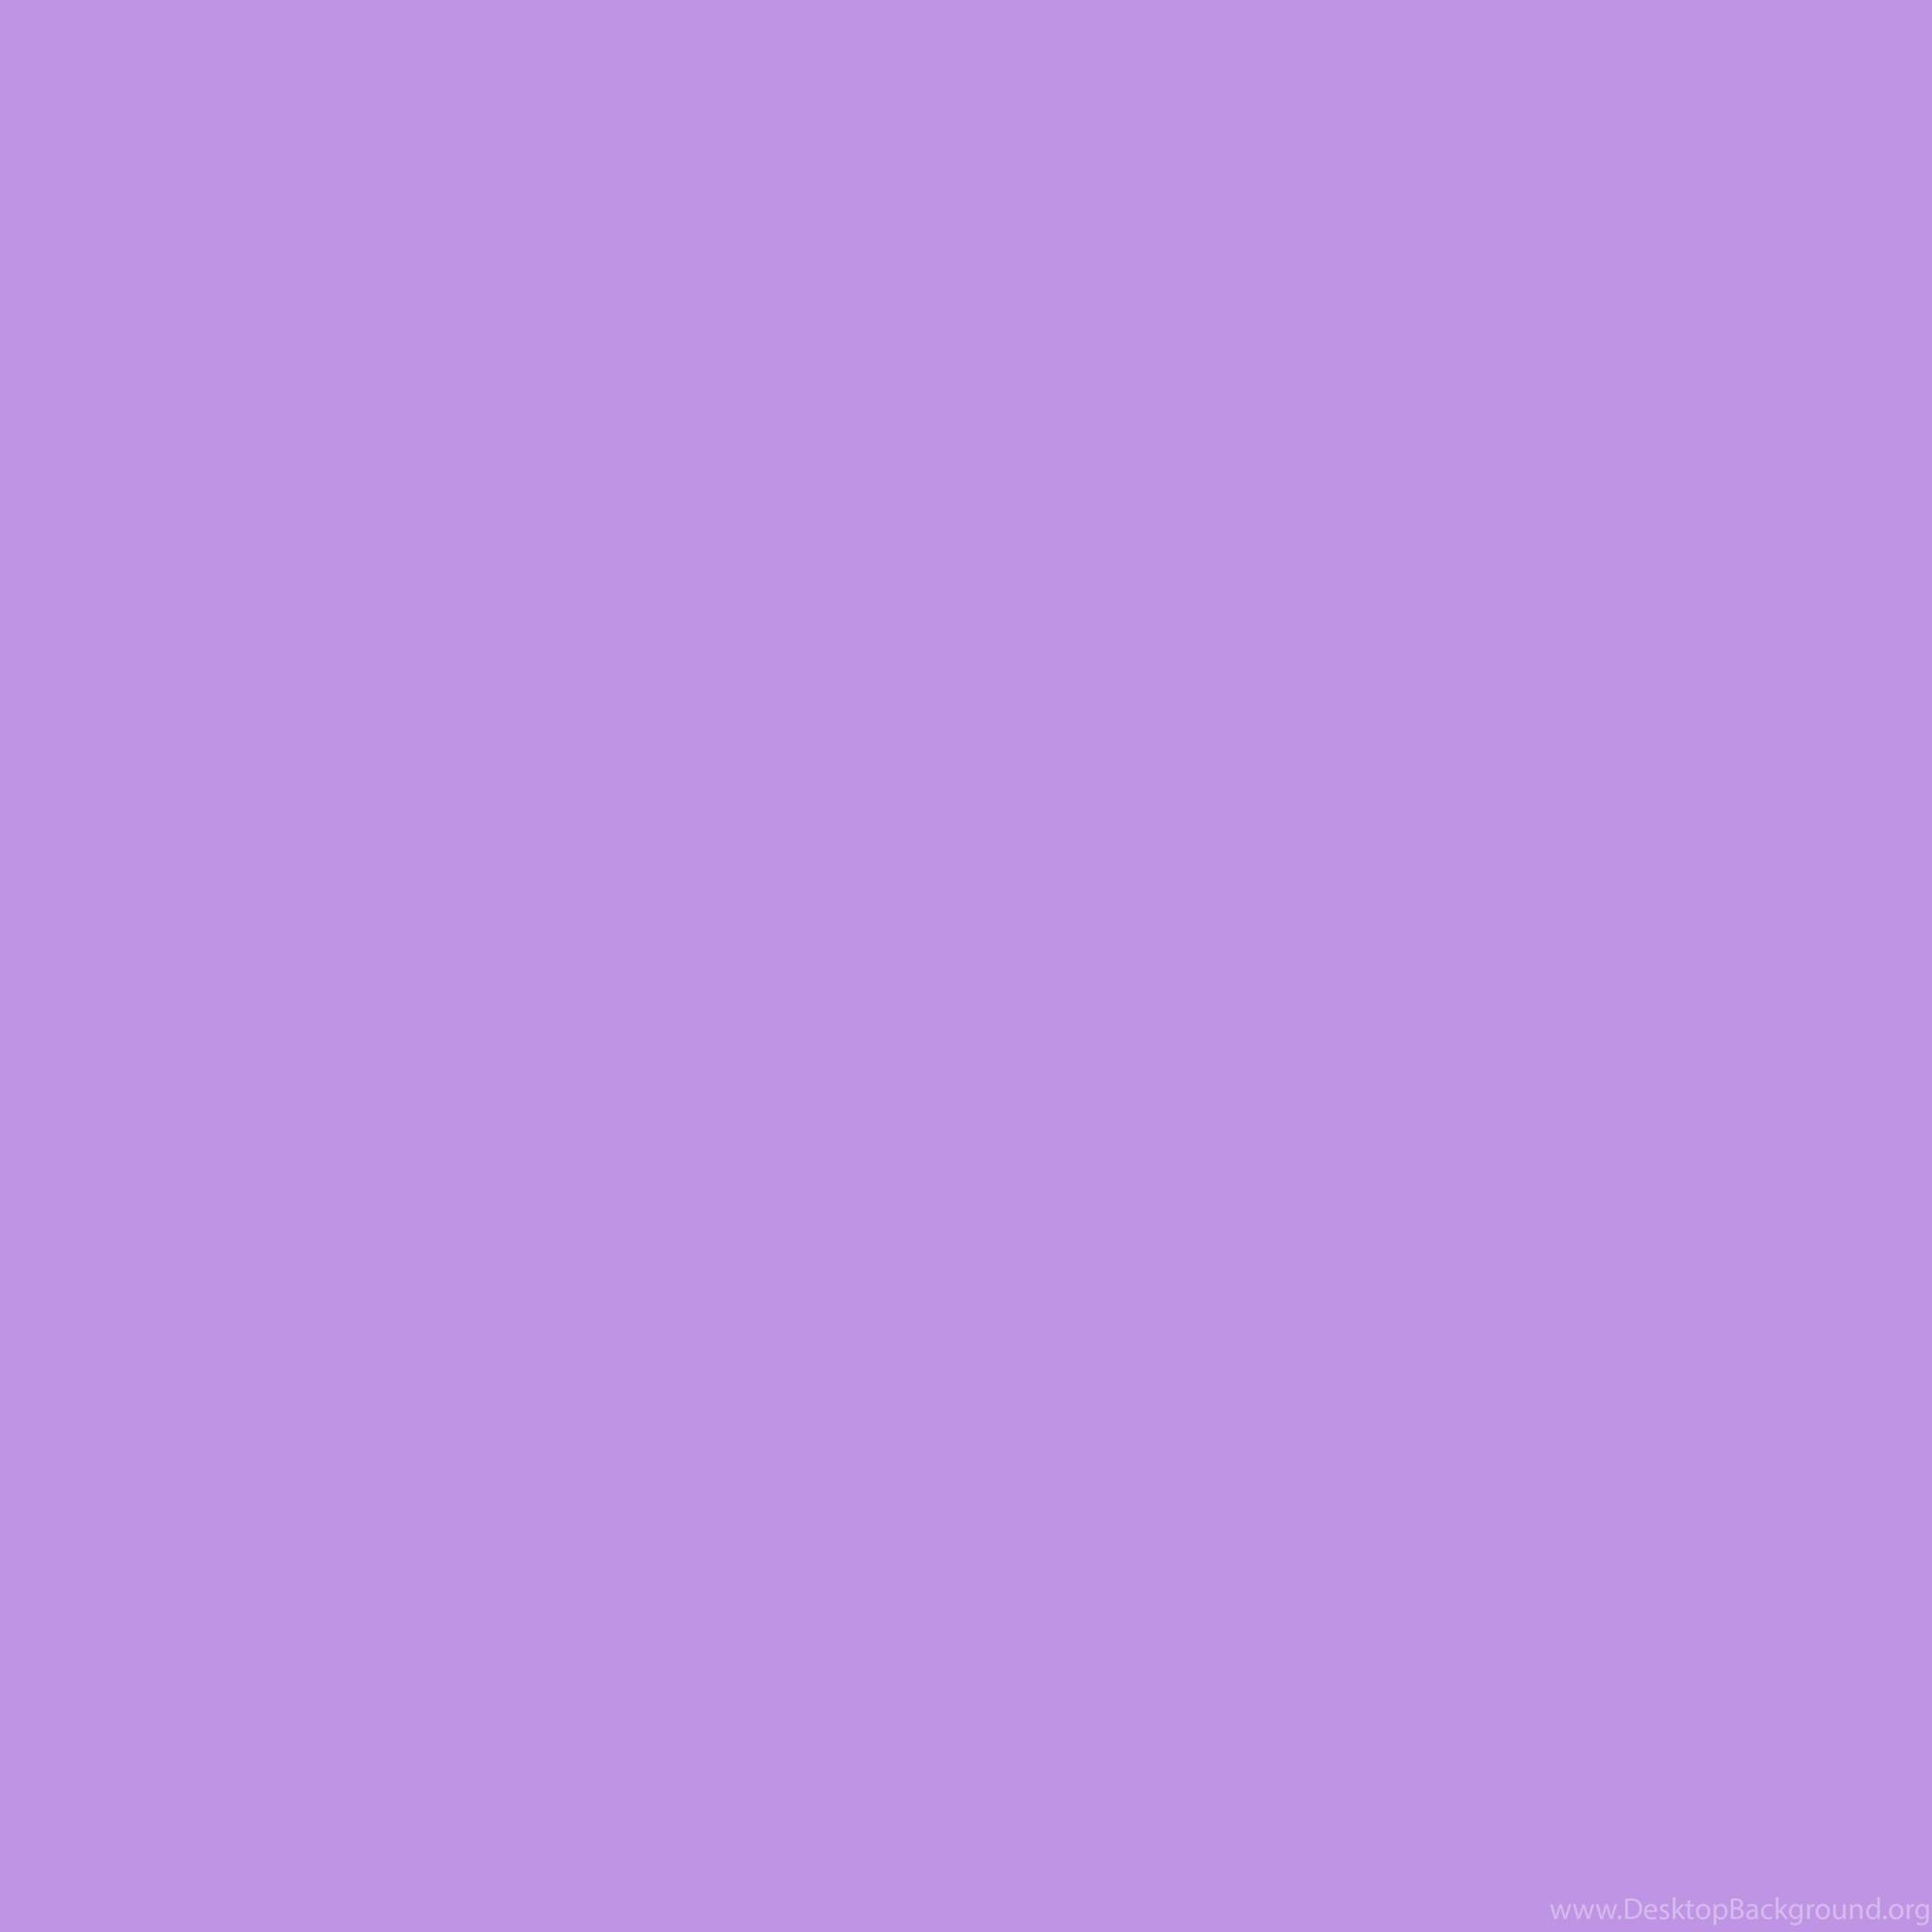 2048x2048 bright lavender solid color backgrounds desktop background